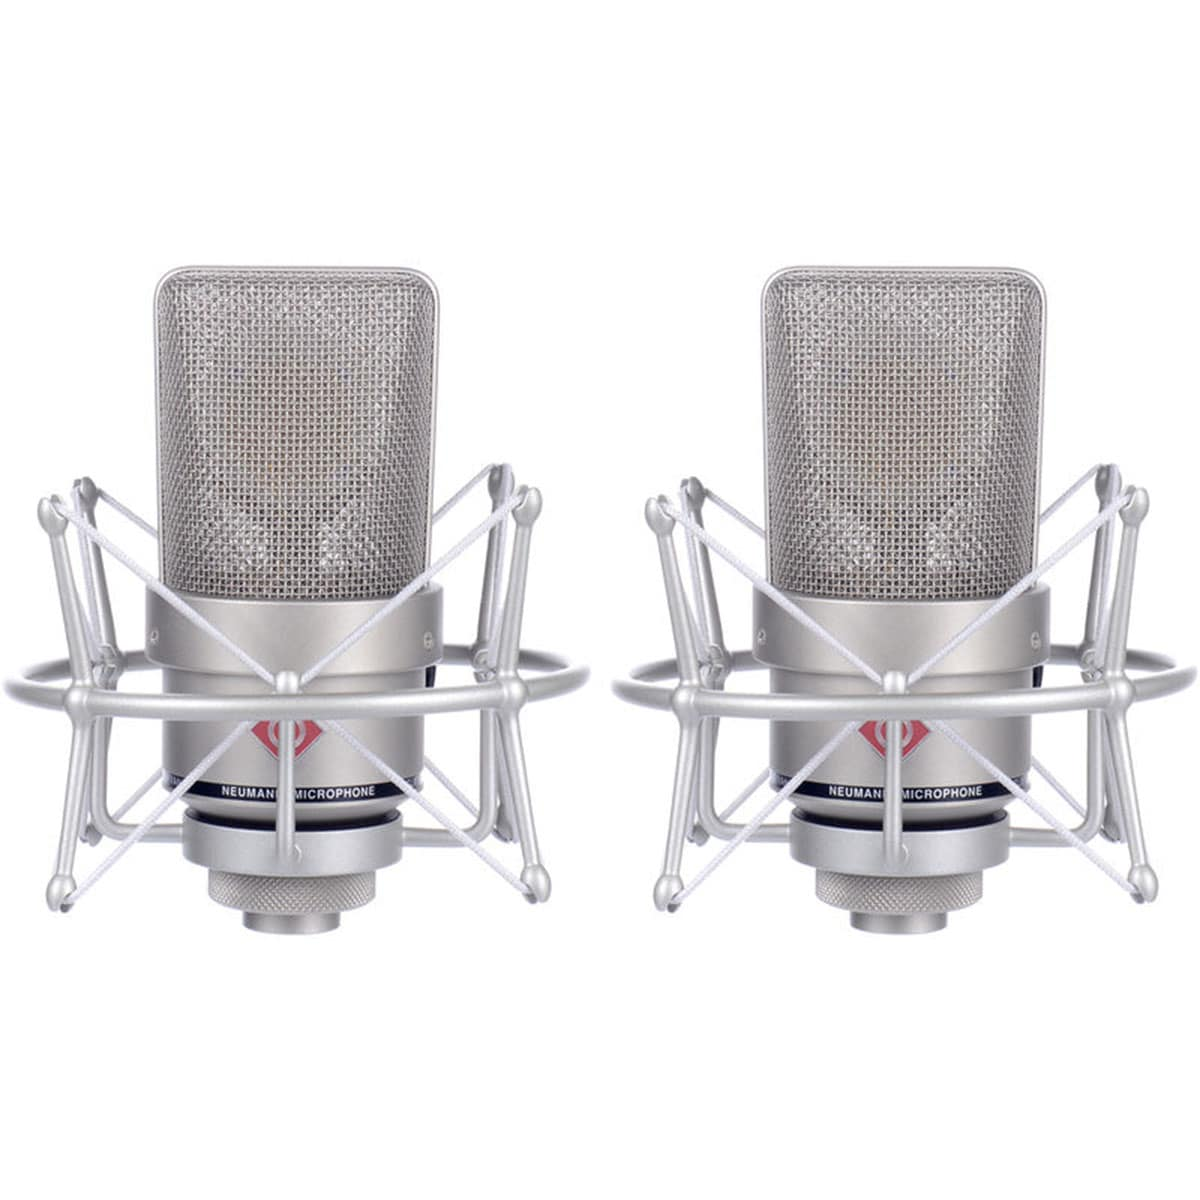 Neumann TLM 103 stereo set 02 Microfoni a Condensatore, Microfoni professionali, Strumentazioni Pro Audio per studi di registrazione